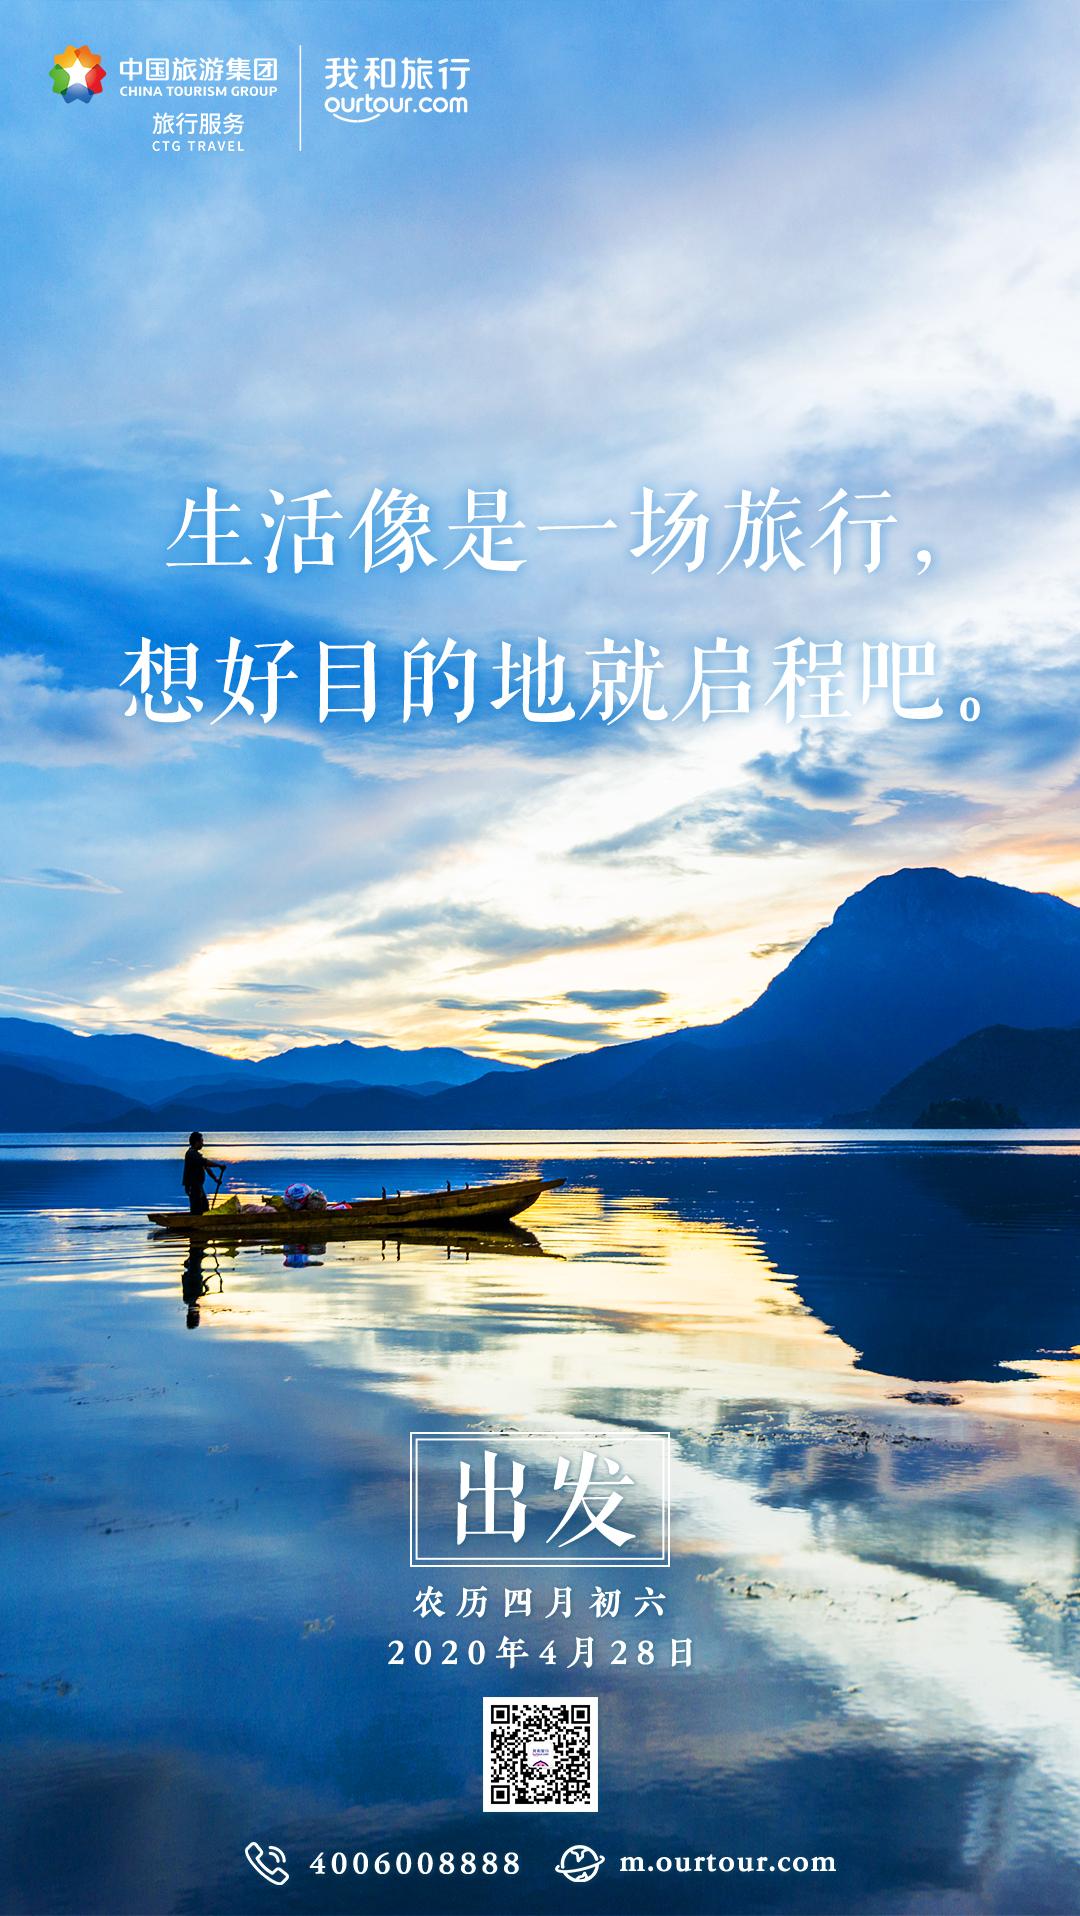 生活好像一场旅行,想好目的就启程吧。